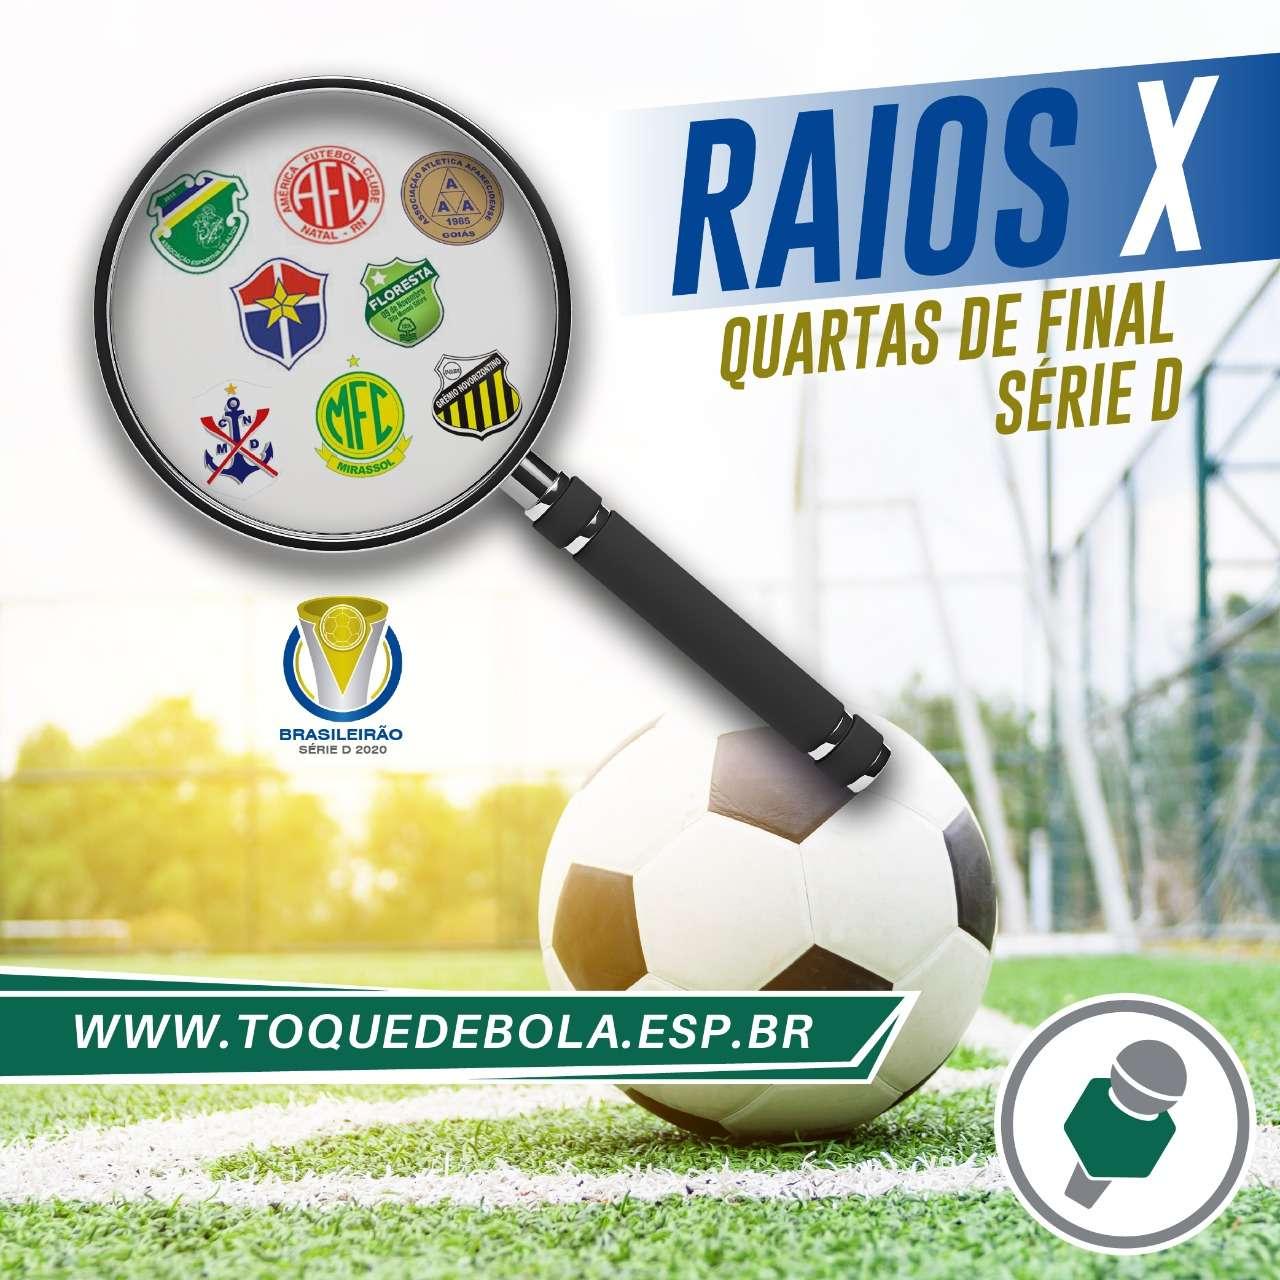 Read more about the article Raios-X: tudo sobre as quartas de final da Série D 2020